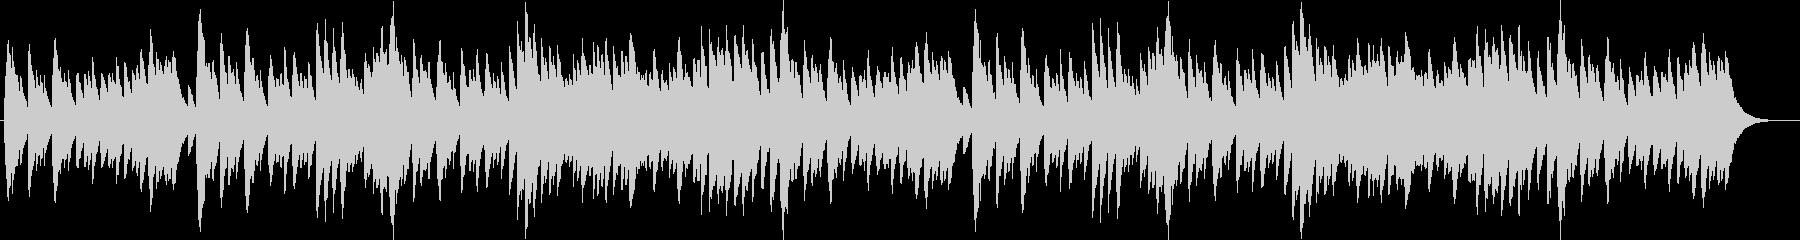 ローレライ(オルゴール)の未再生の波形